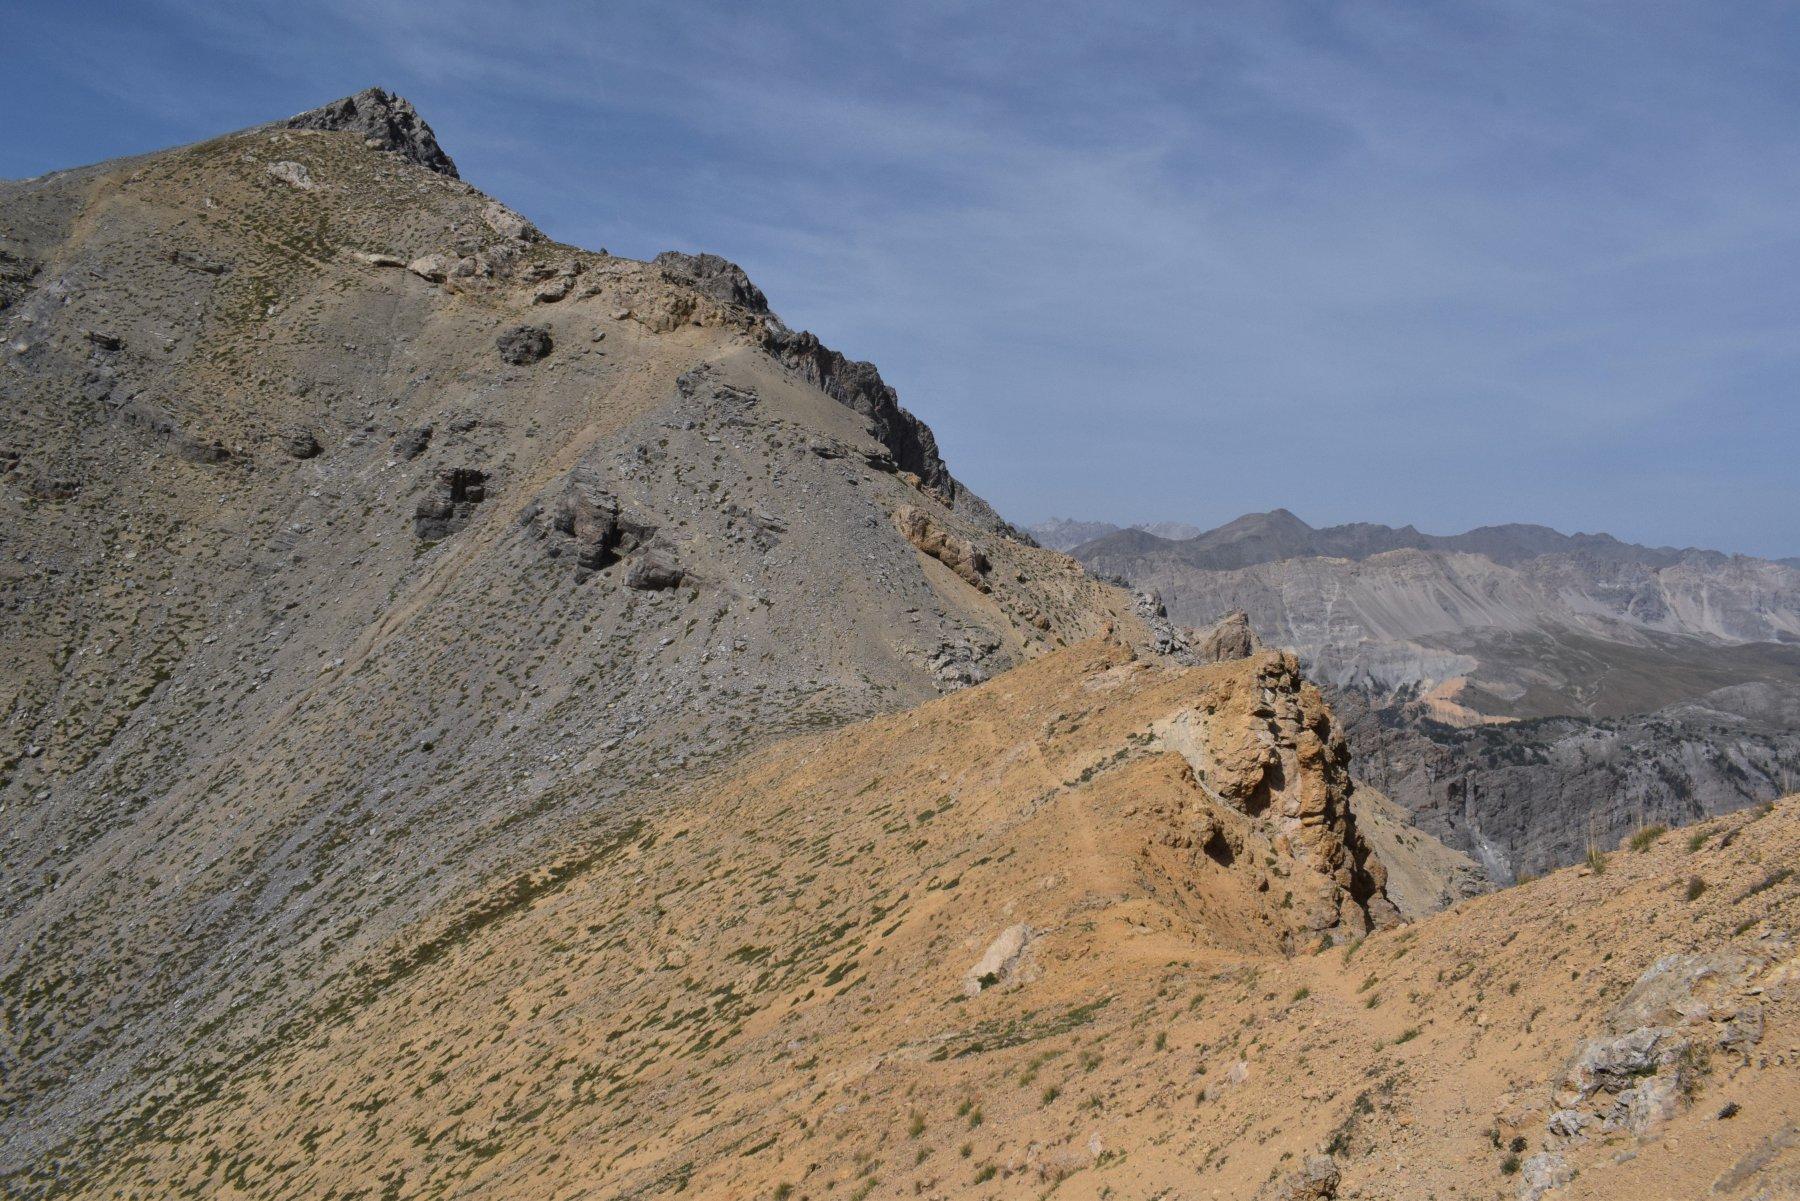 la Cima della seur dal colle, con la traccia che corre sotto le roccette della cresta